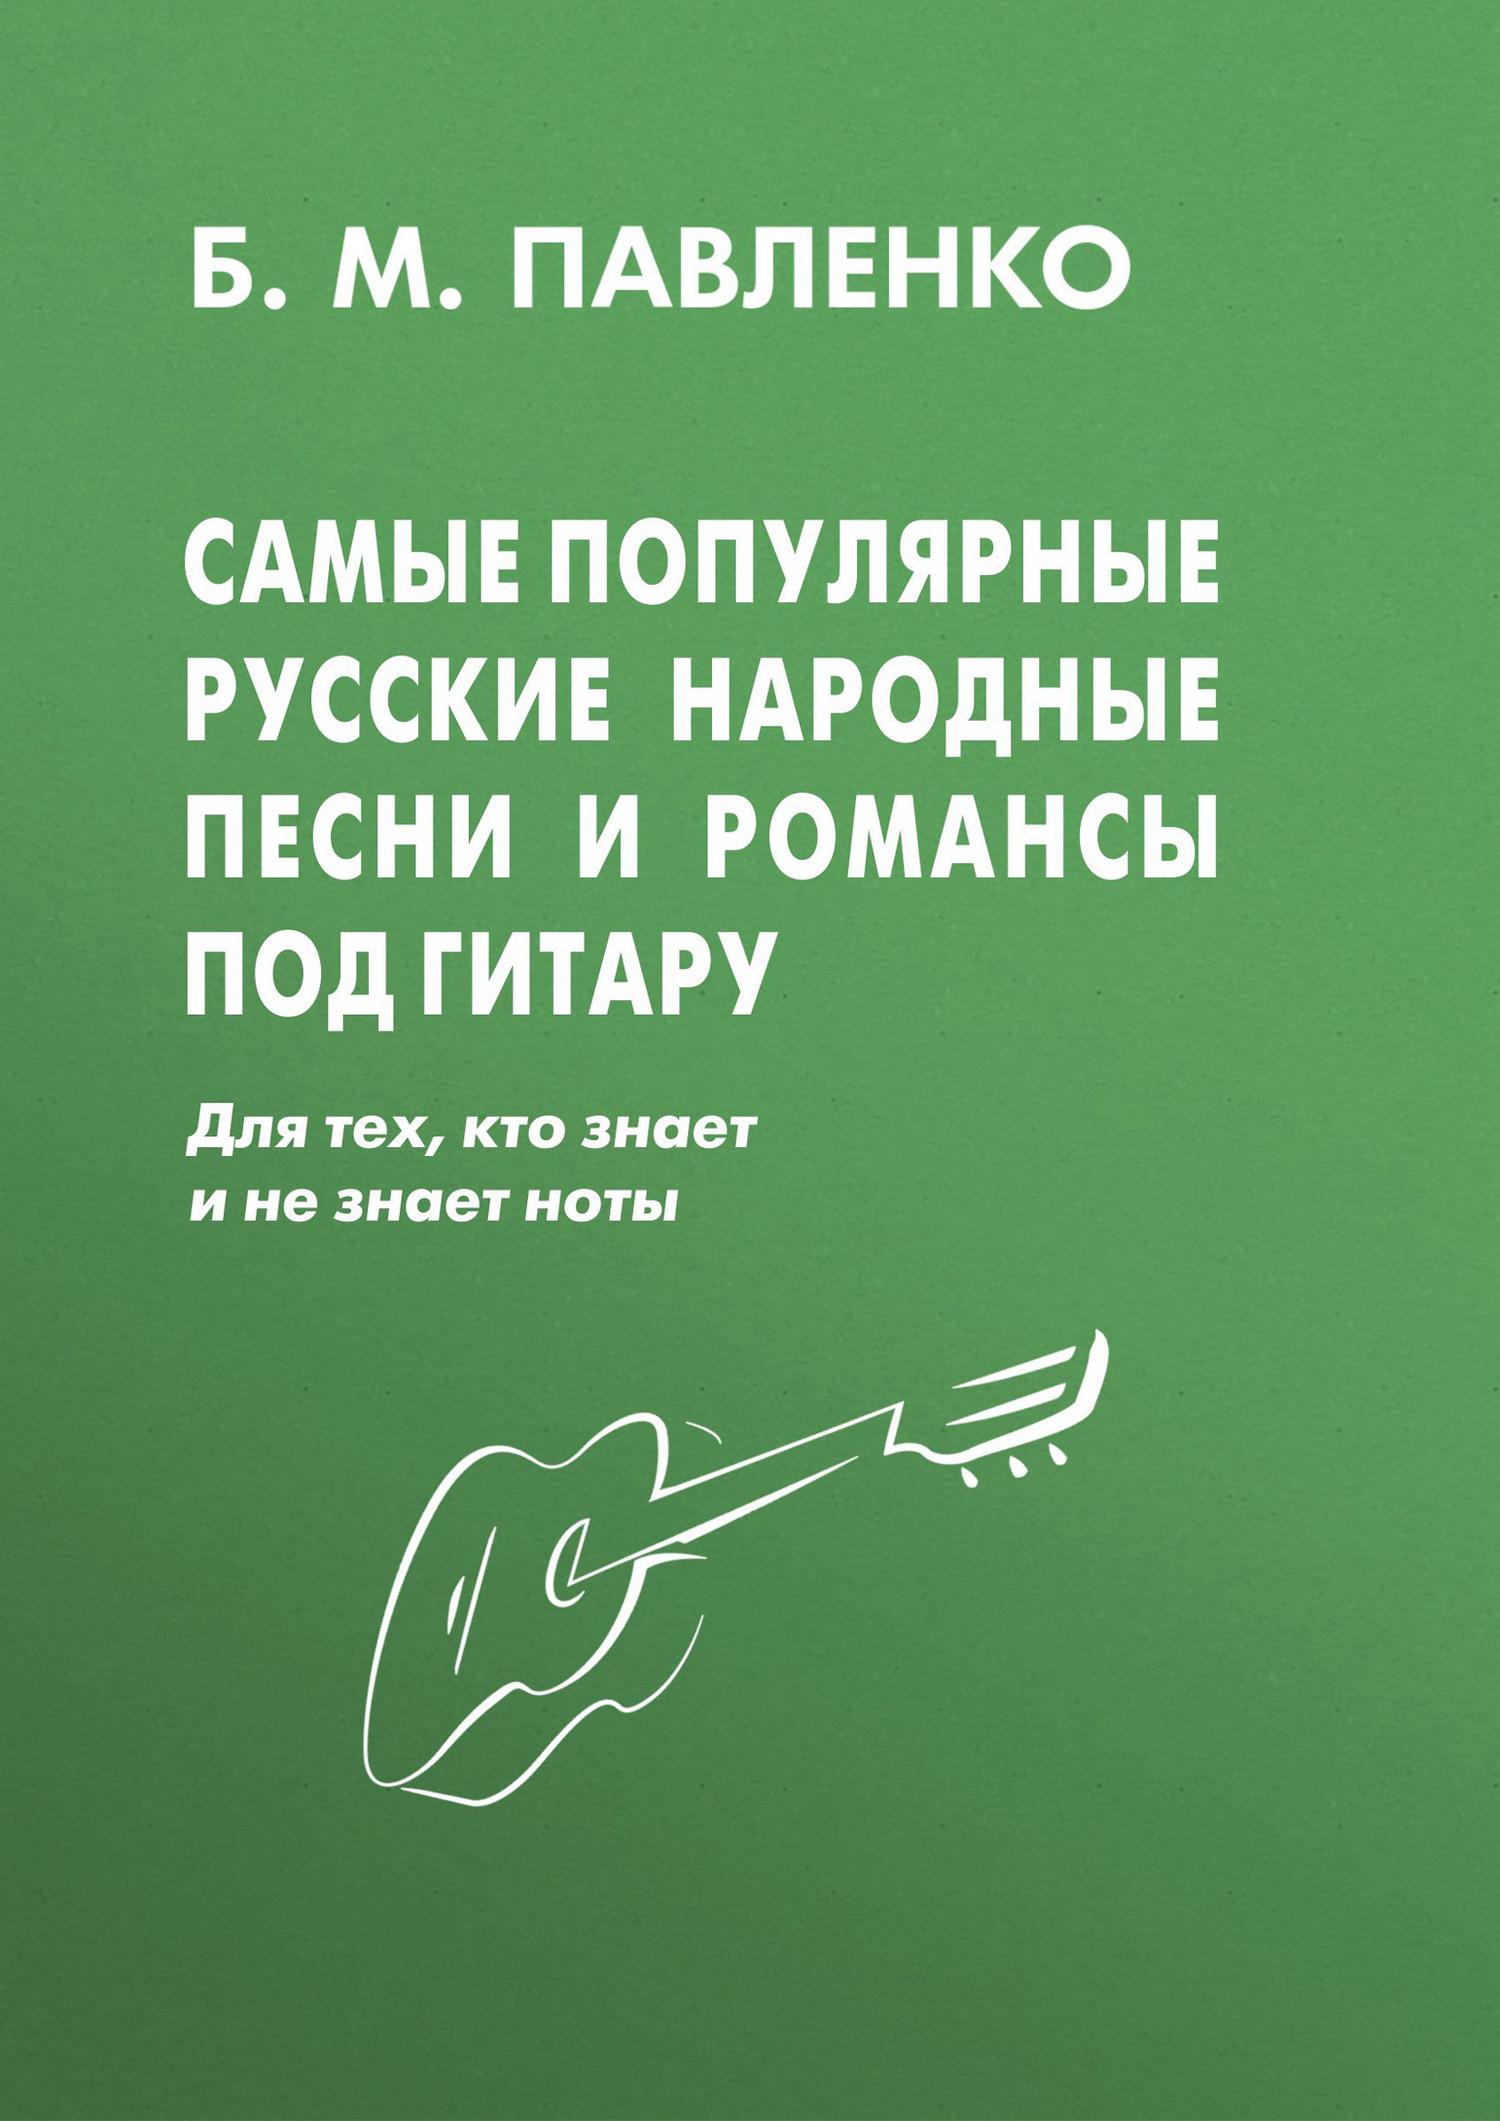 Б. М. Павленко Самые популярные русские народные песни и романсы под гитару споемте друзья тексты популярных песен и романсов